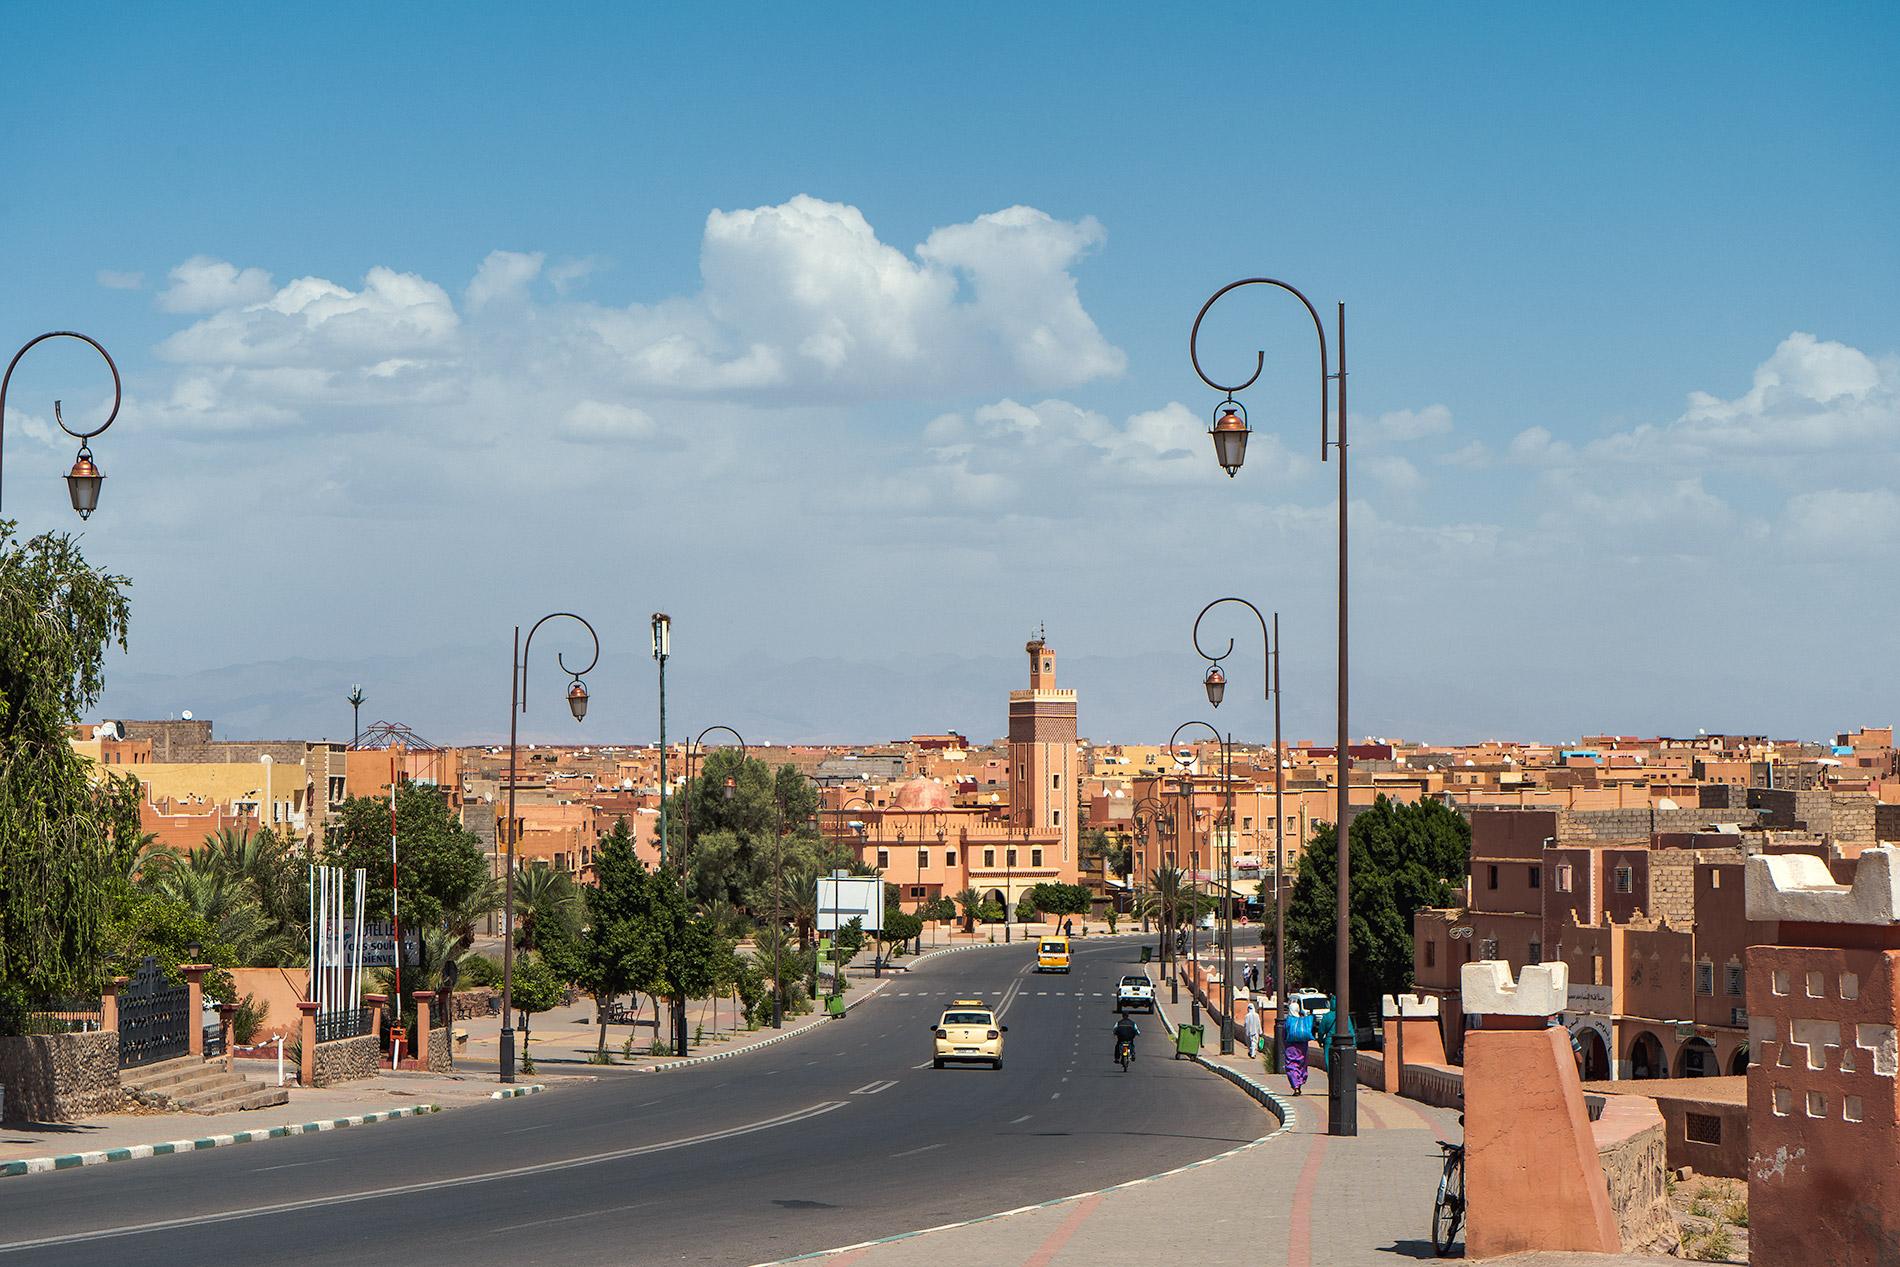 An avenue in Ouarzazate, Morocco